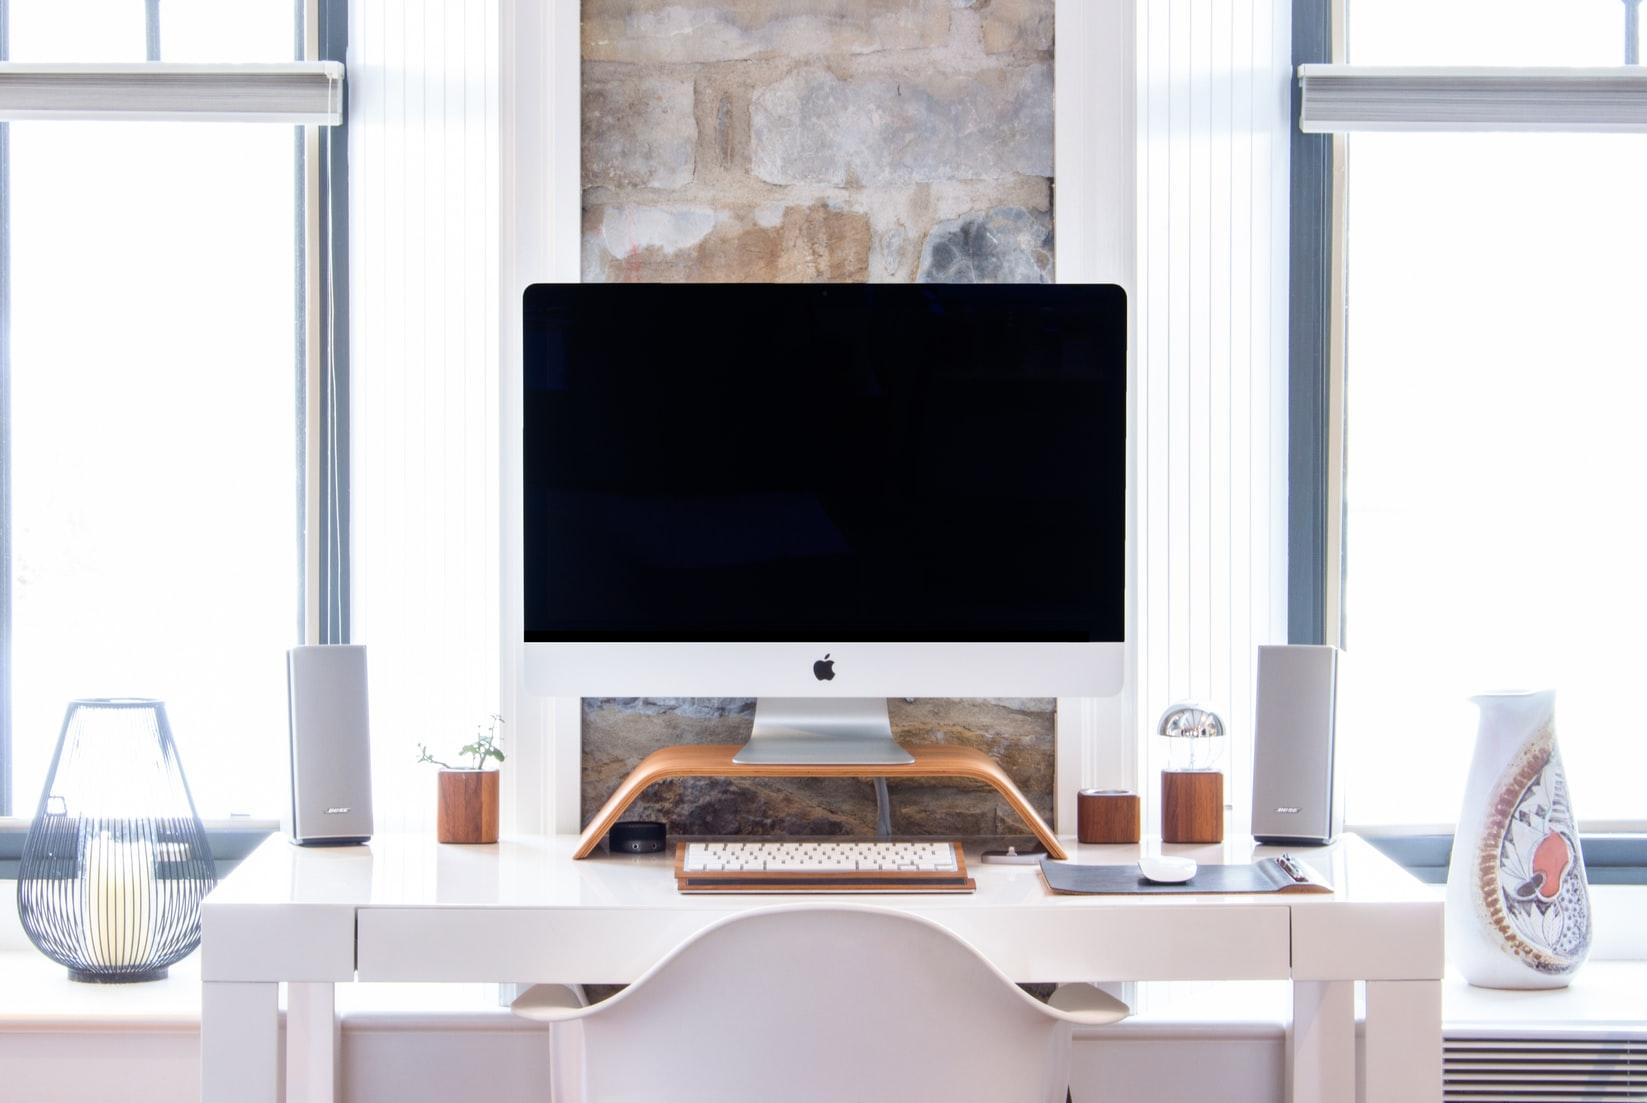 computer-setup